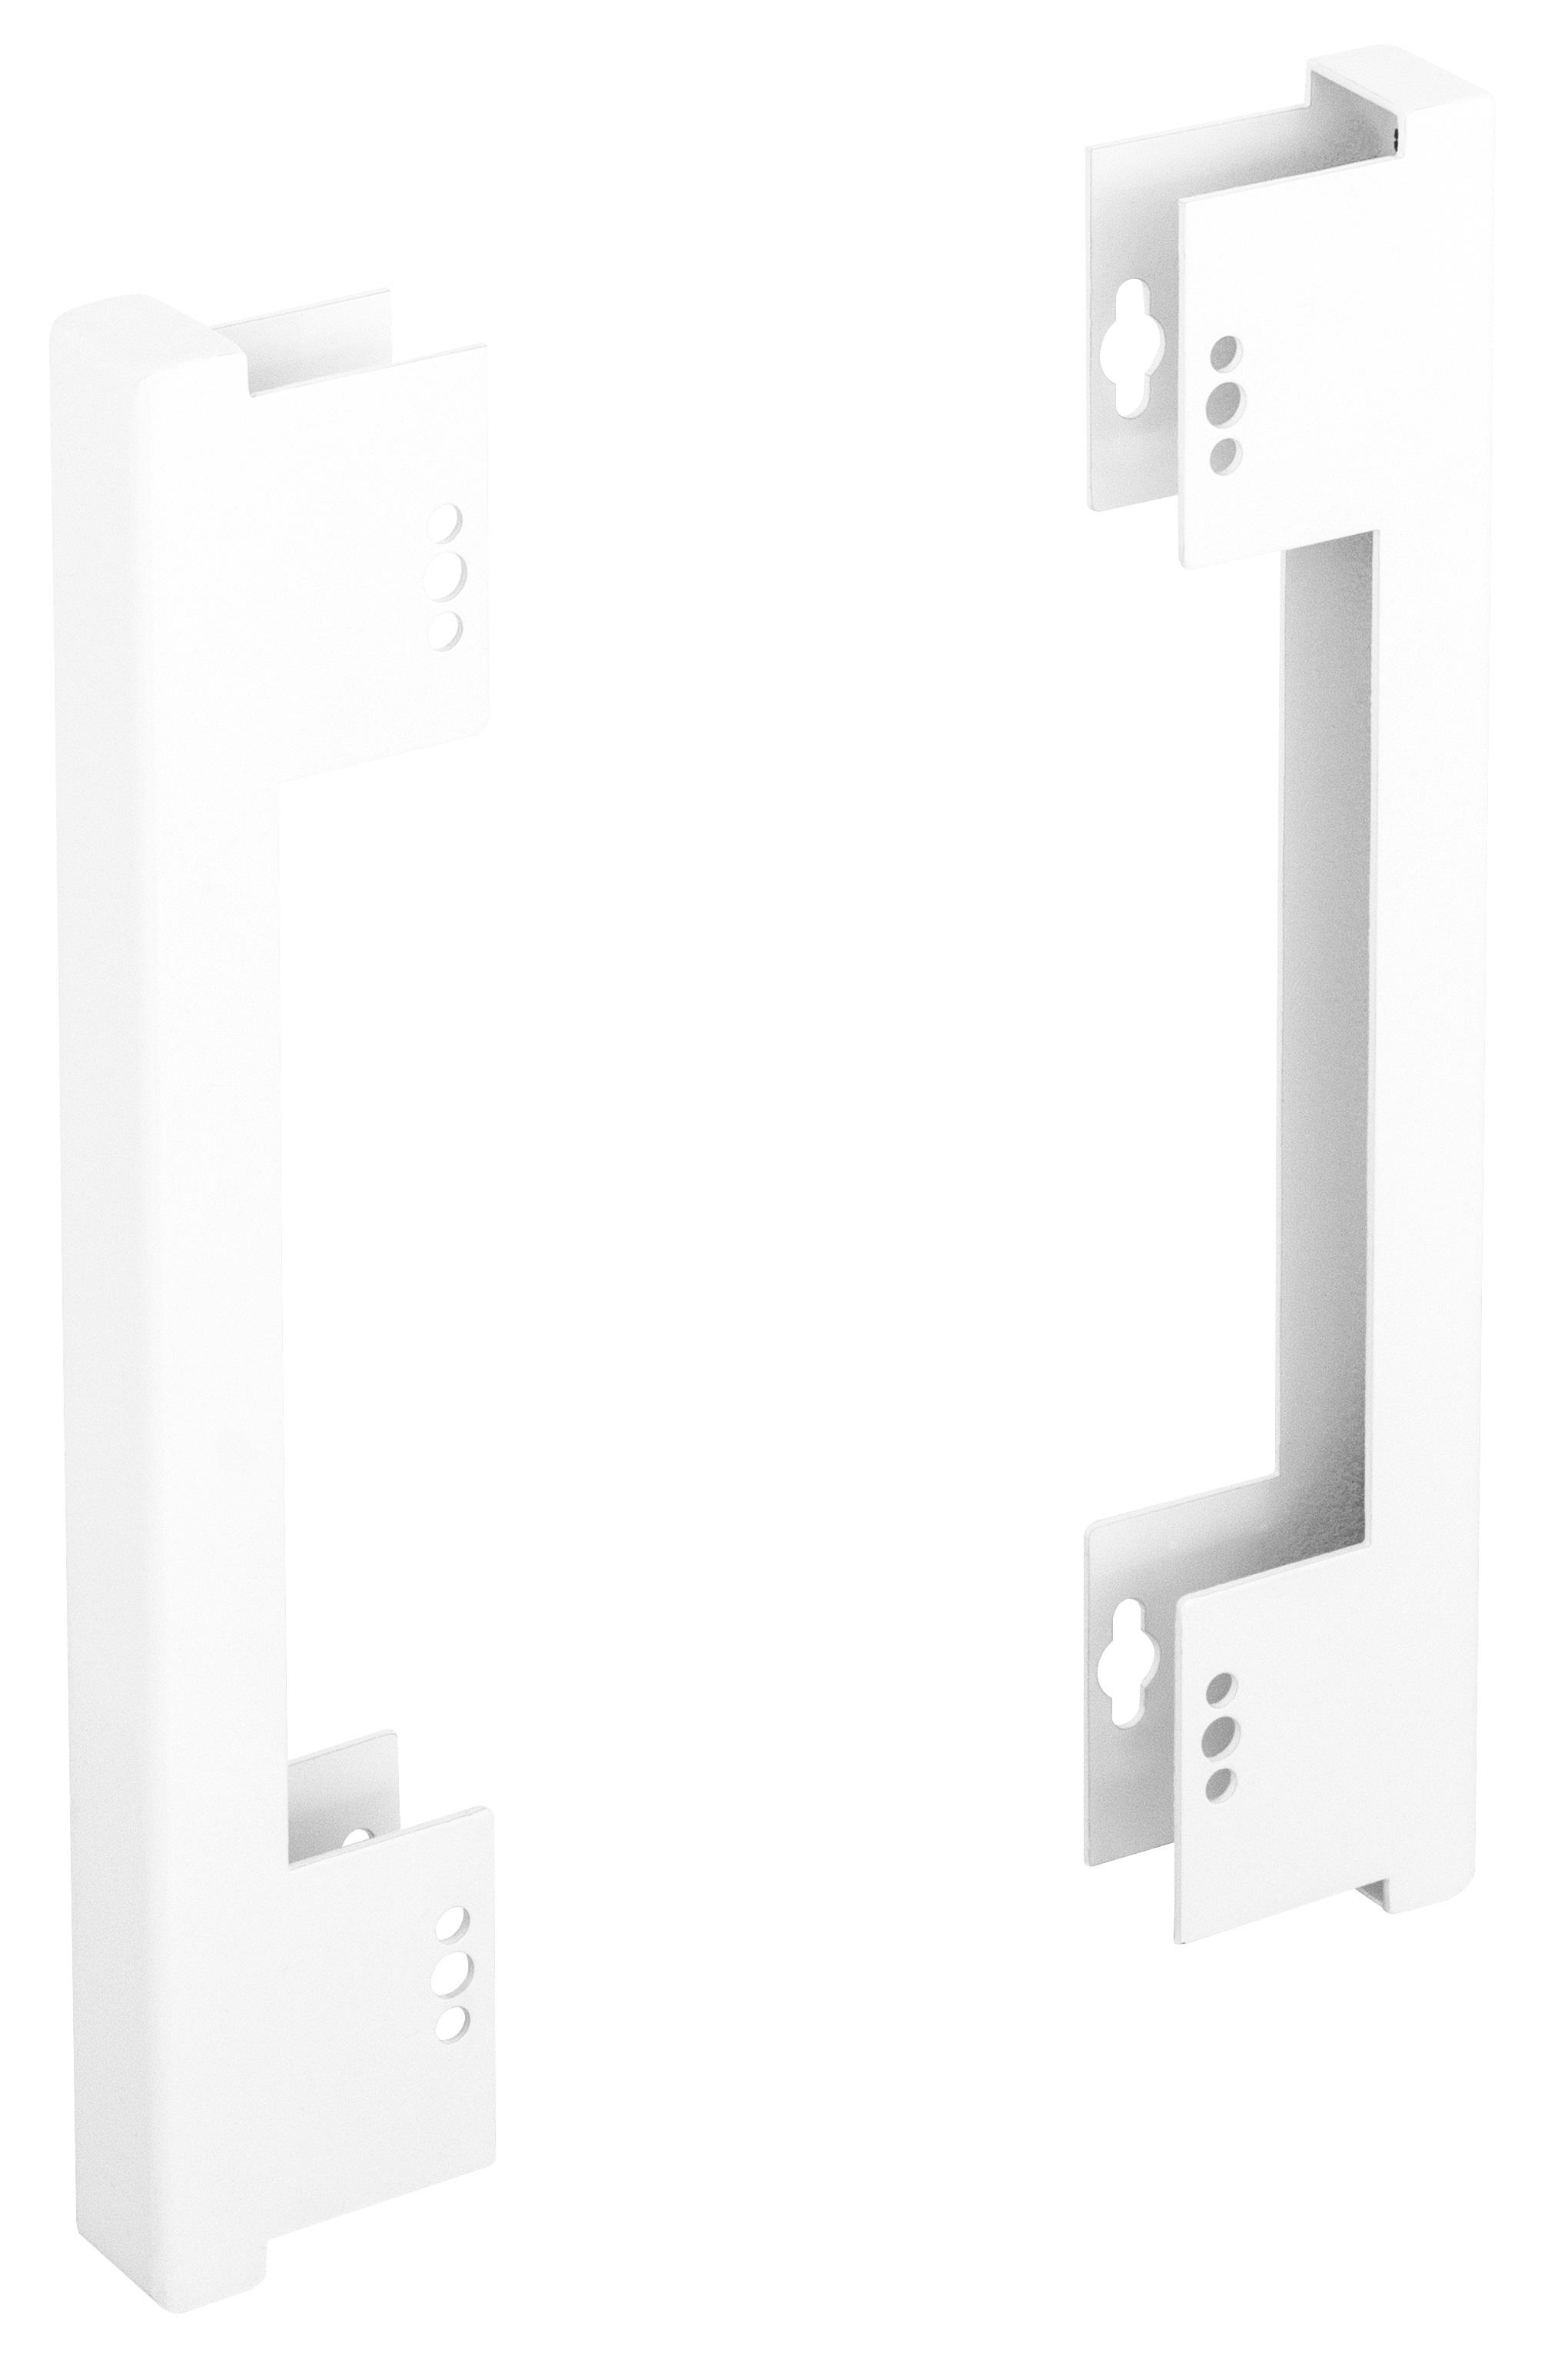 1 Stk Seiten- Montageset für DW4Hx1…, T=30mm, H=166mm, RAL7035 DW4HZMS1--